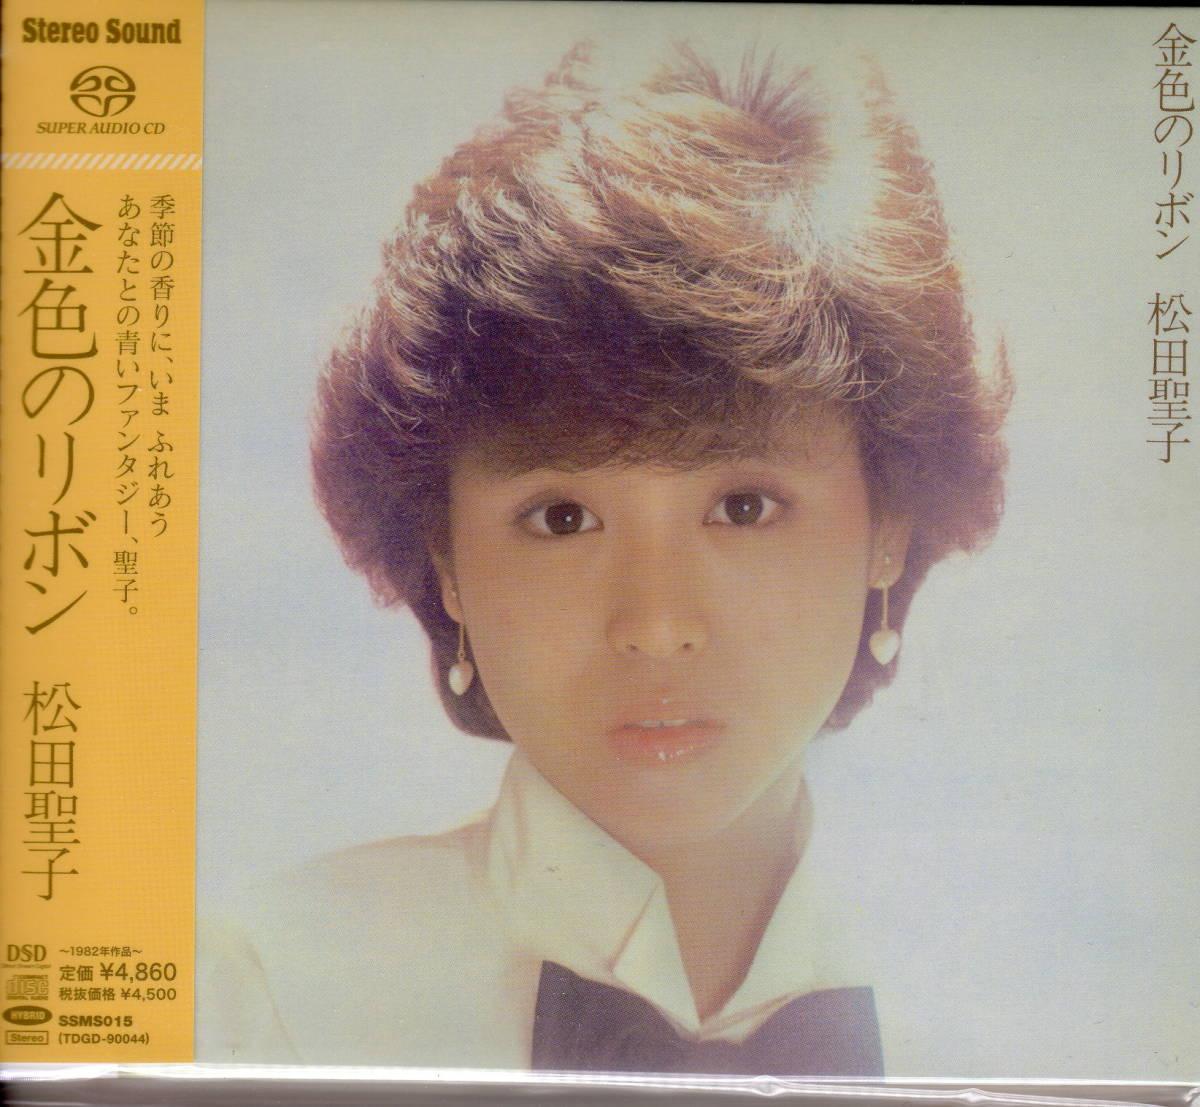 ♪♪未開封【SACDハイブリッド】松田聖子「金色のリボン」♪♪